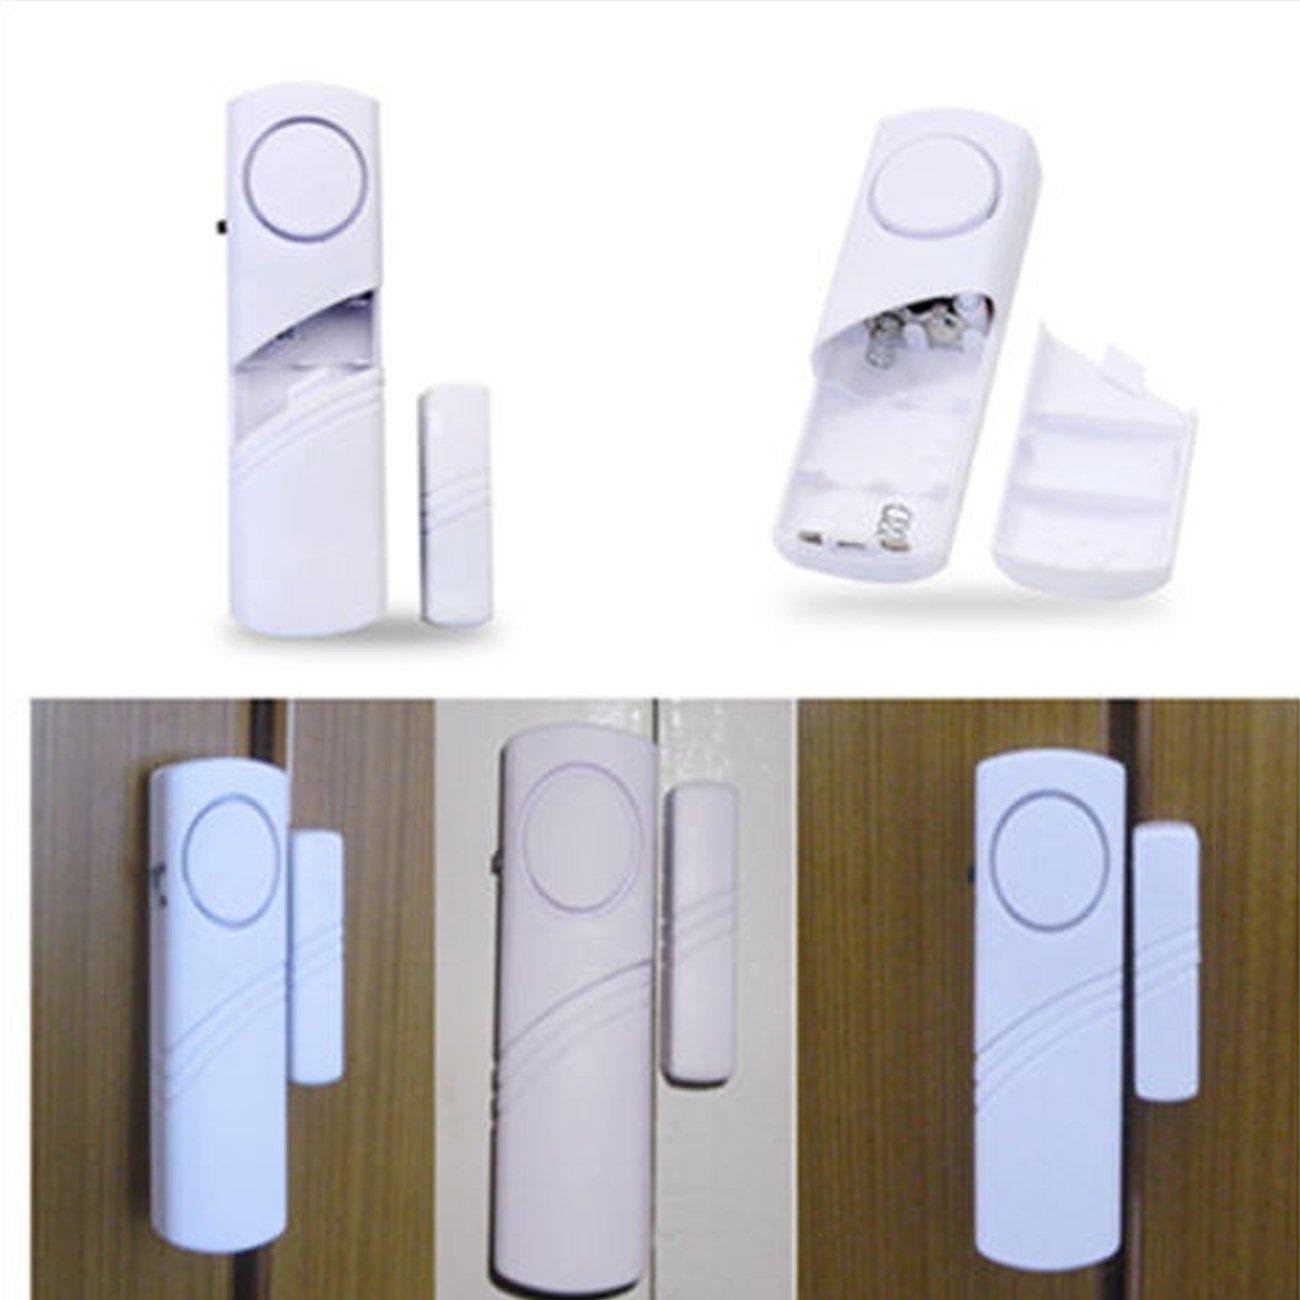 Fensteralarm Türalarm Sirene Alarmanlage Einbruchschutz Sicherungsstange Fenster Tür Alarm Mini Weiß 5 Stück